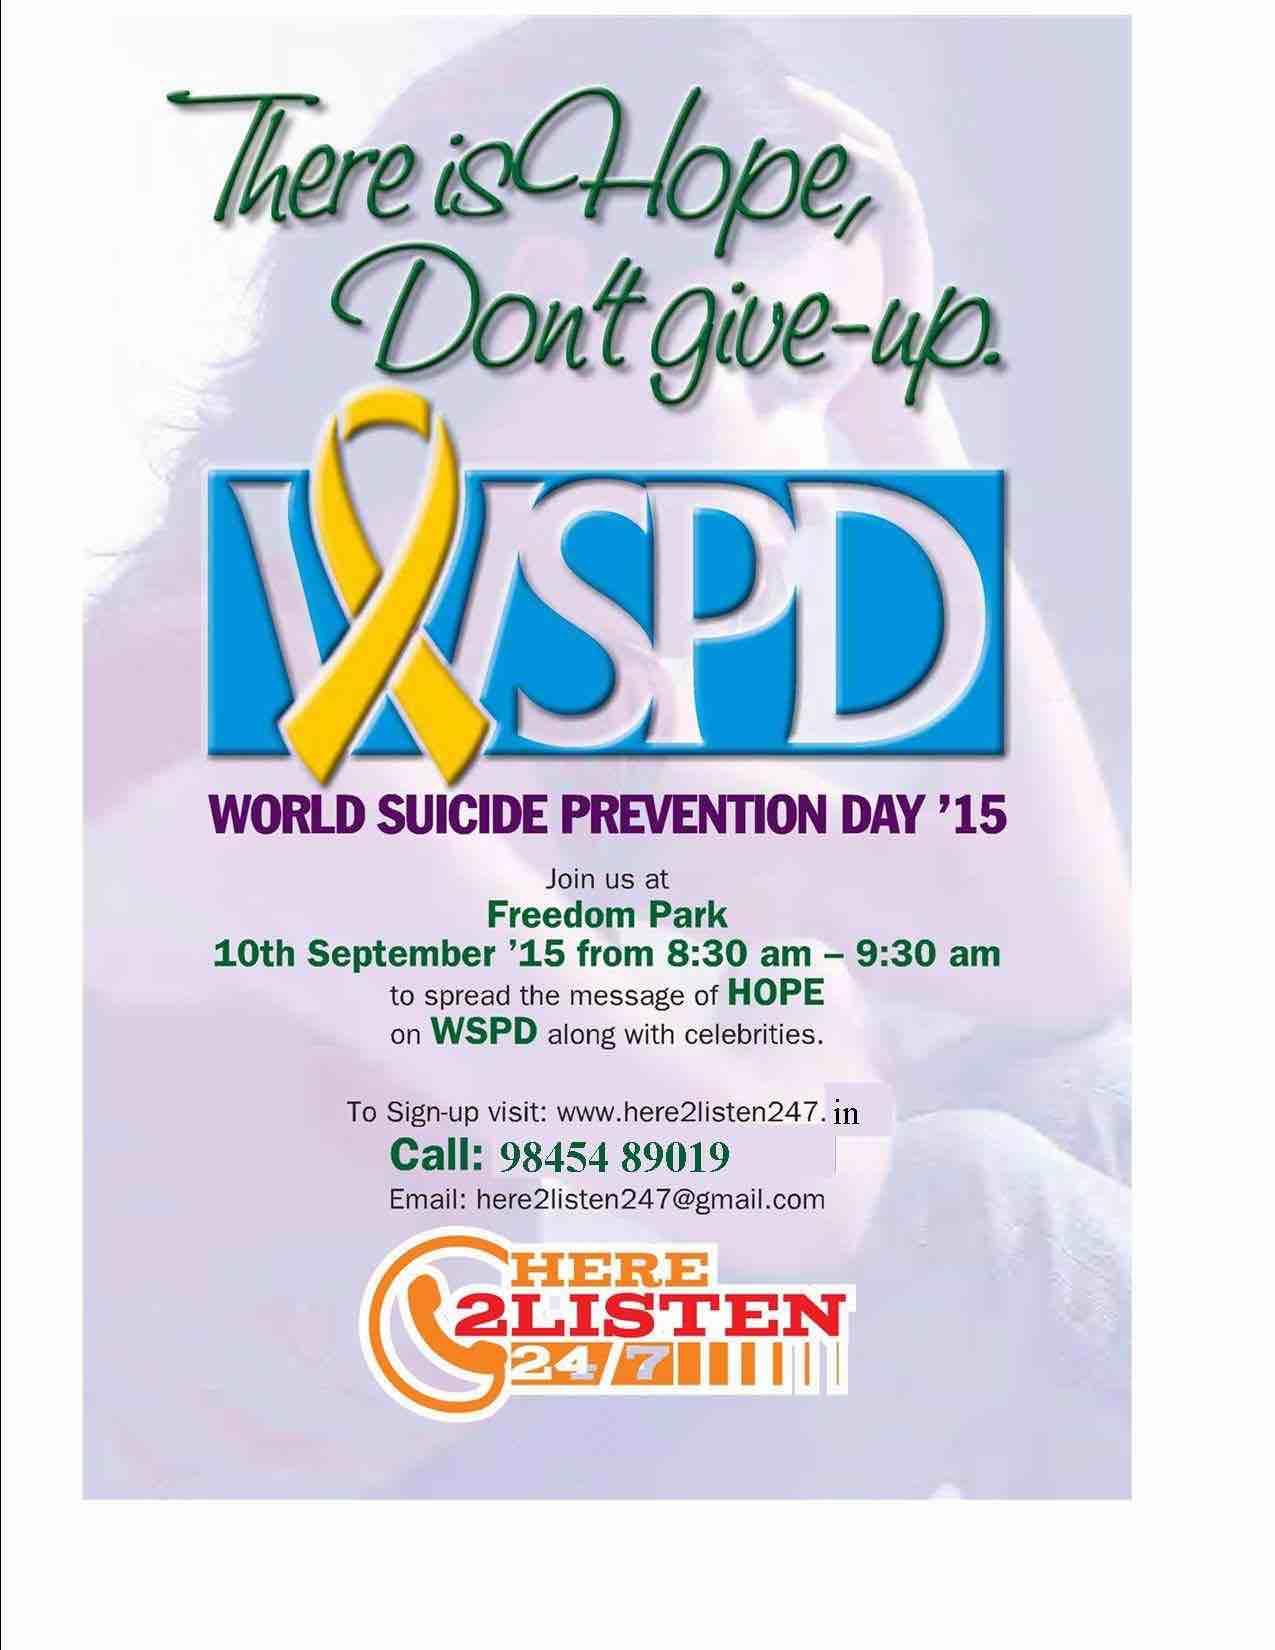 WSPD 2015